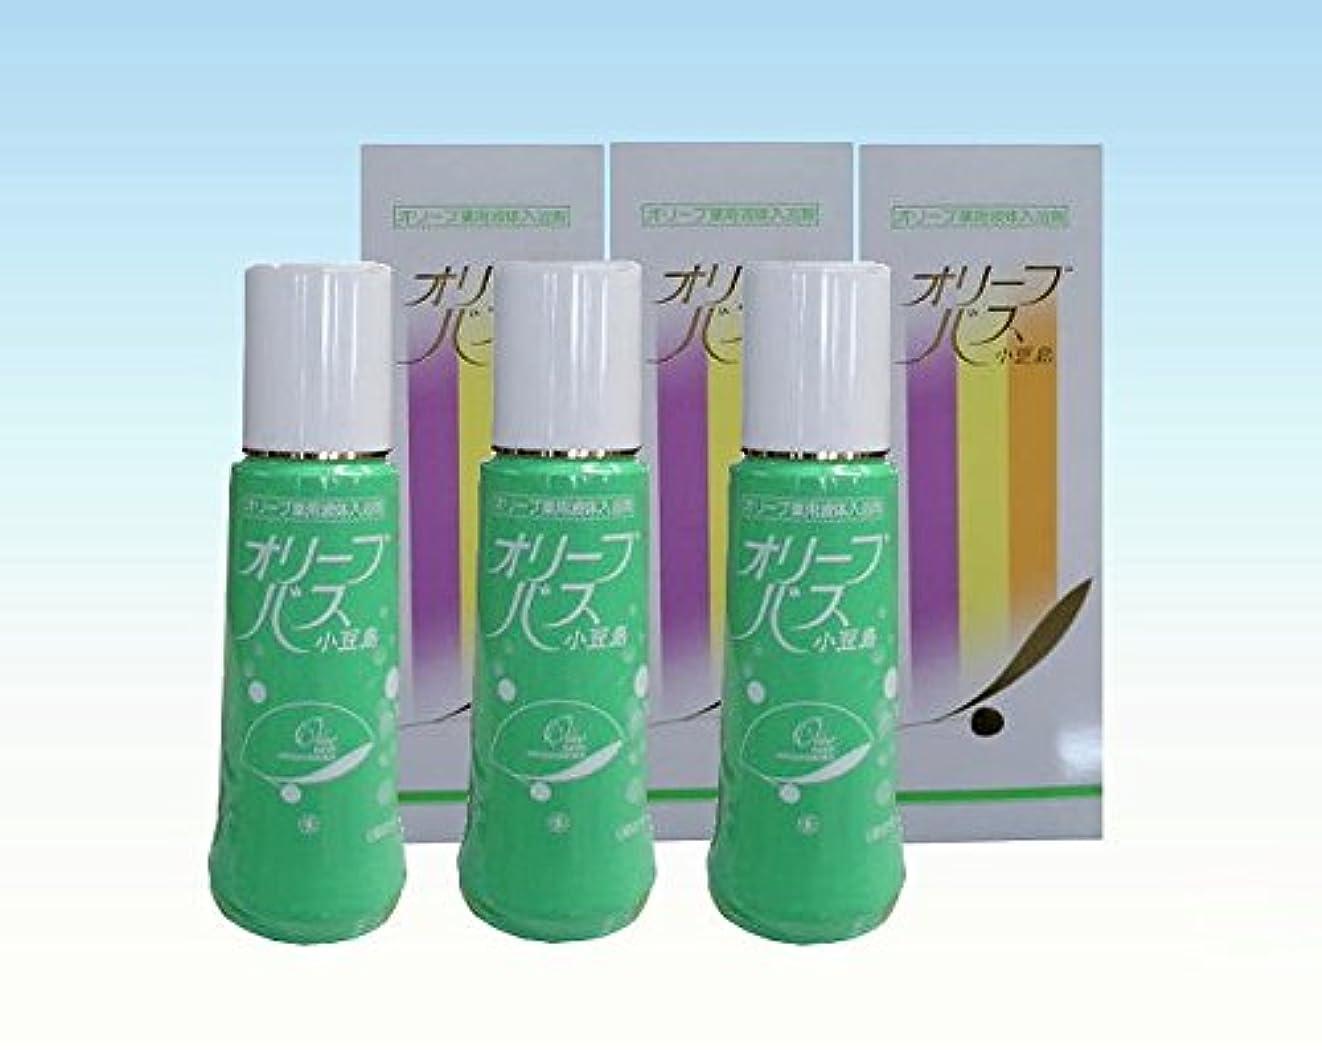 トレード水オリーブバス薬用液体入浴剤 ちょっぴりお得な3本セット